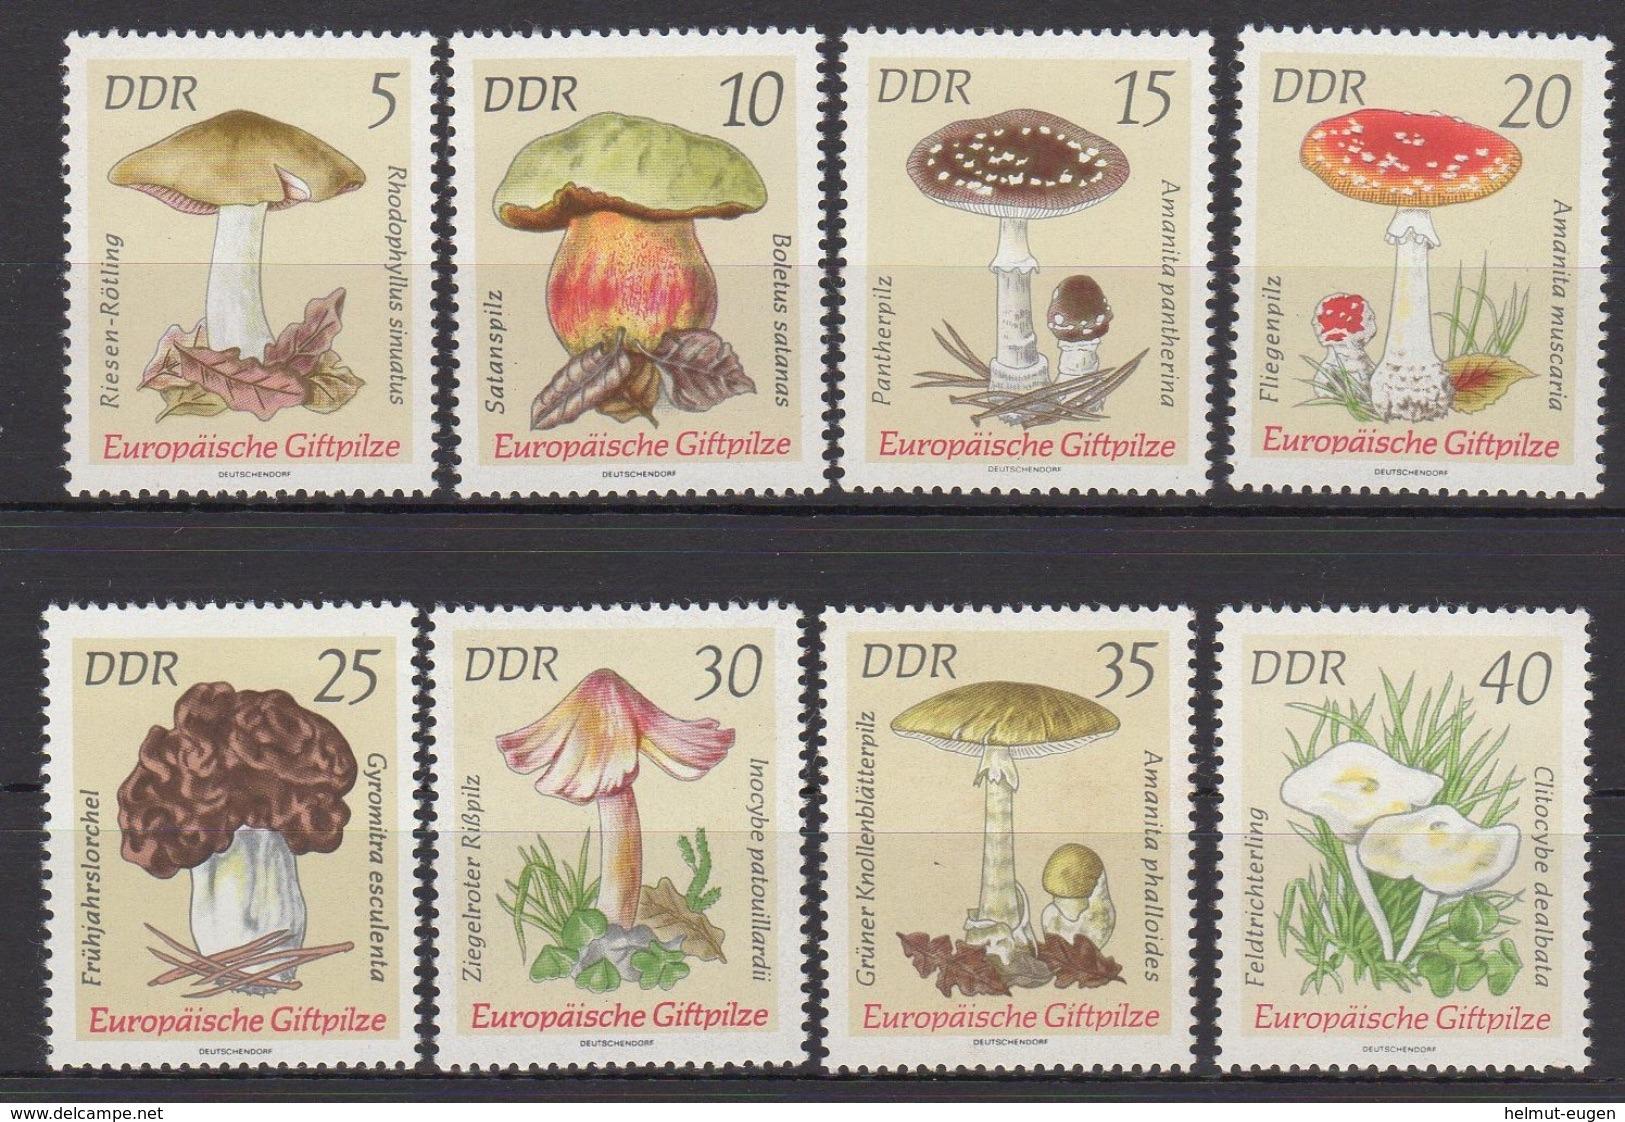 DDR / Europäische Giftpilze / MiNr. 1933 - 1940 - Unused Stamps